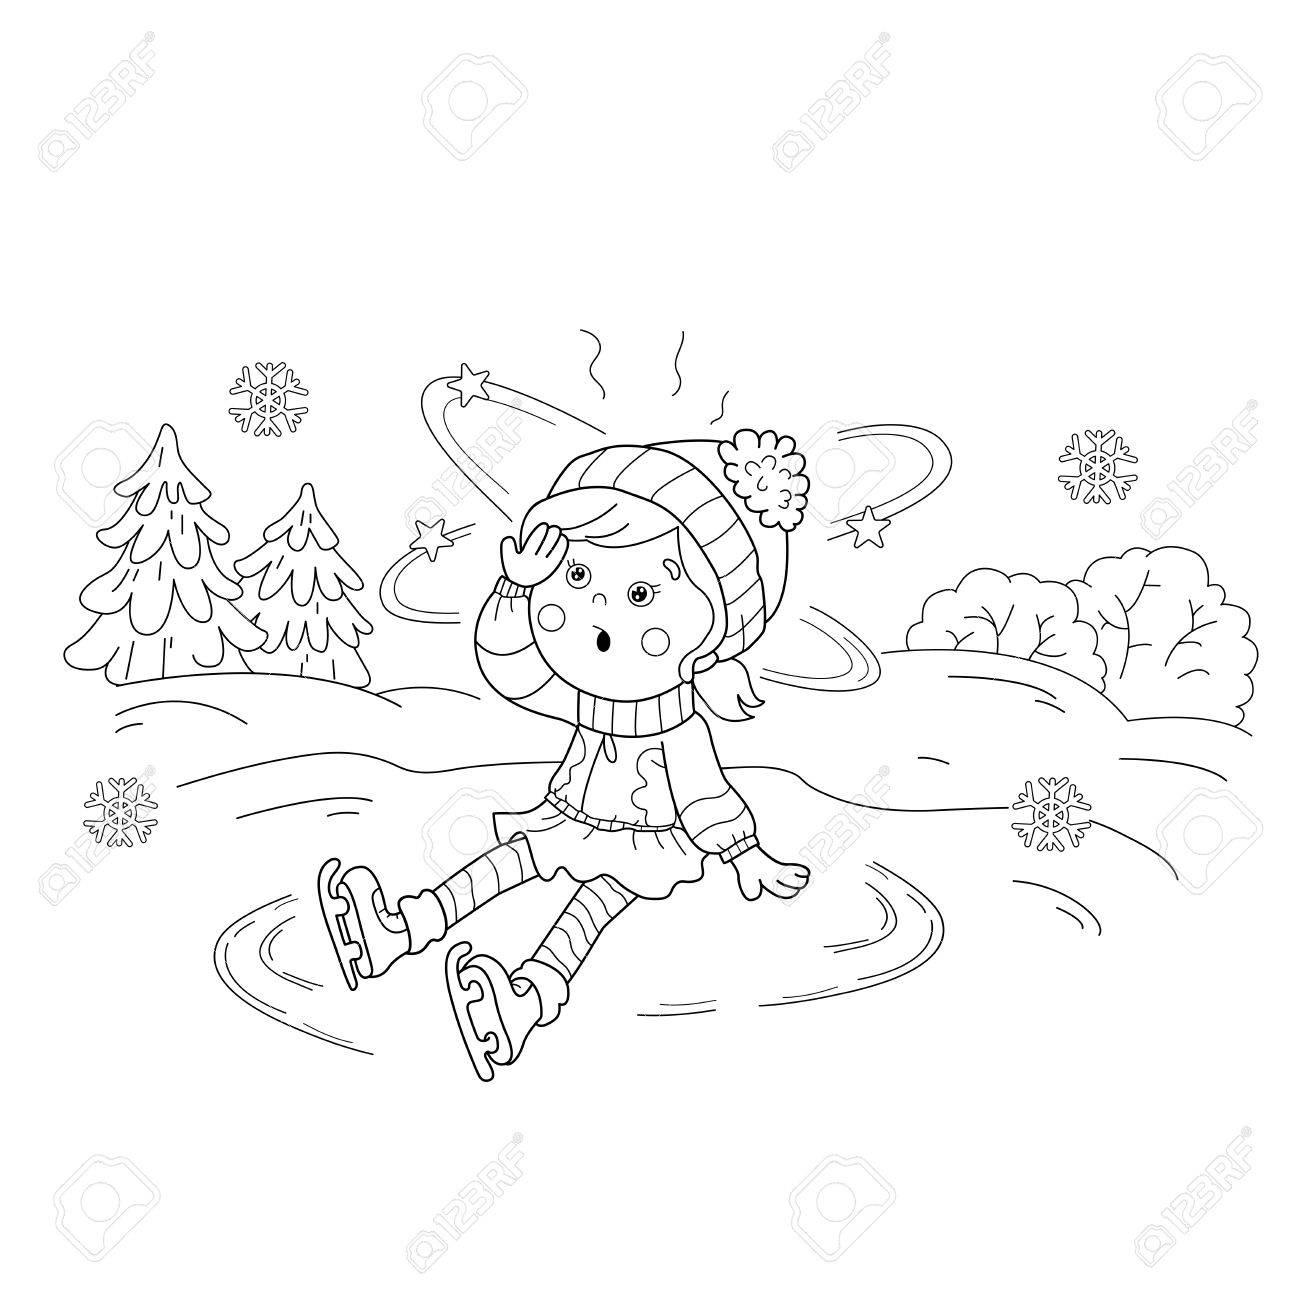 Página Para Colorear Esquema De Patinaje Chica. Deportes De Invierno ...